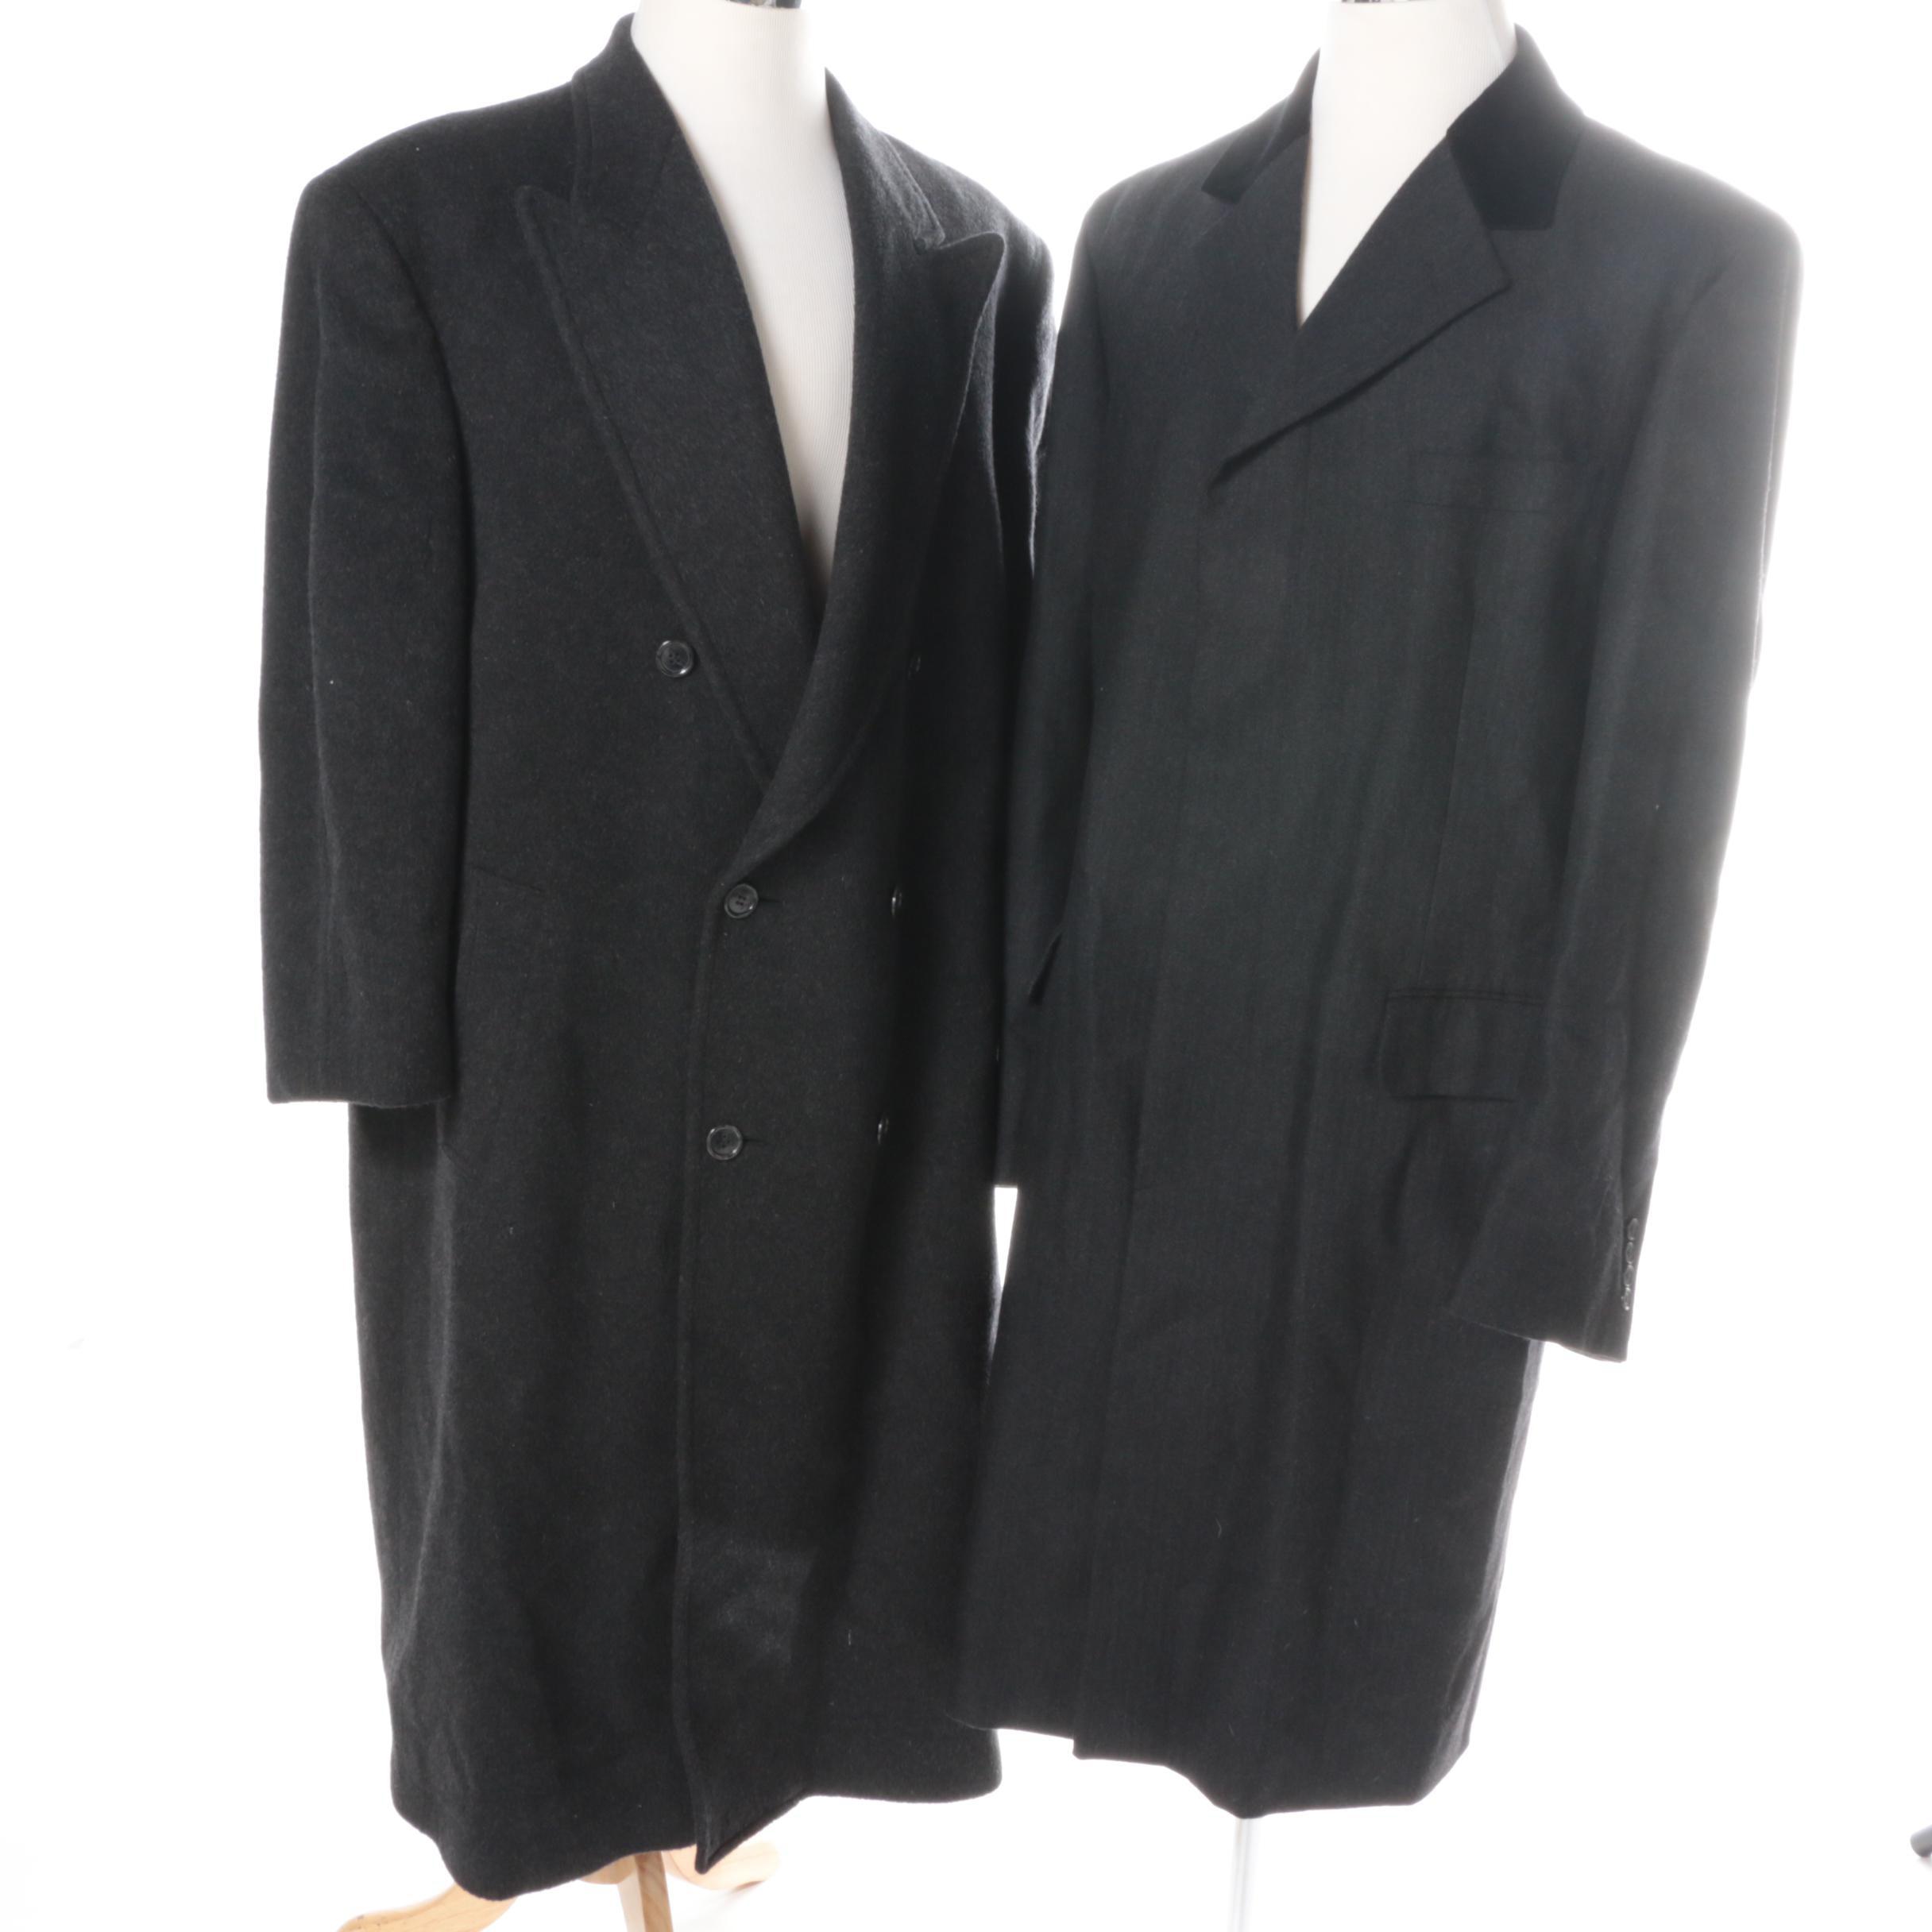 Men's Coats Including Jos. A. Bank